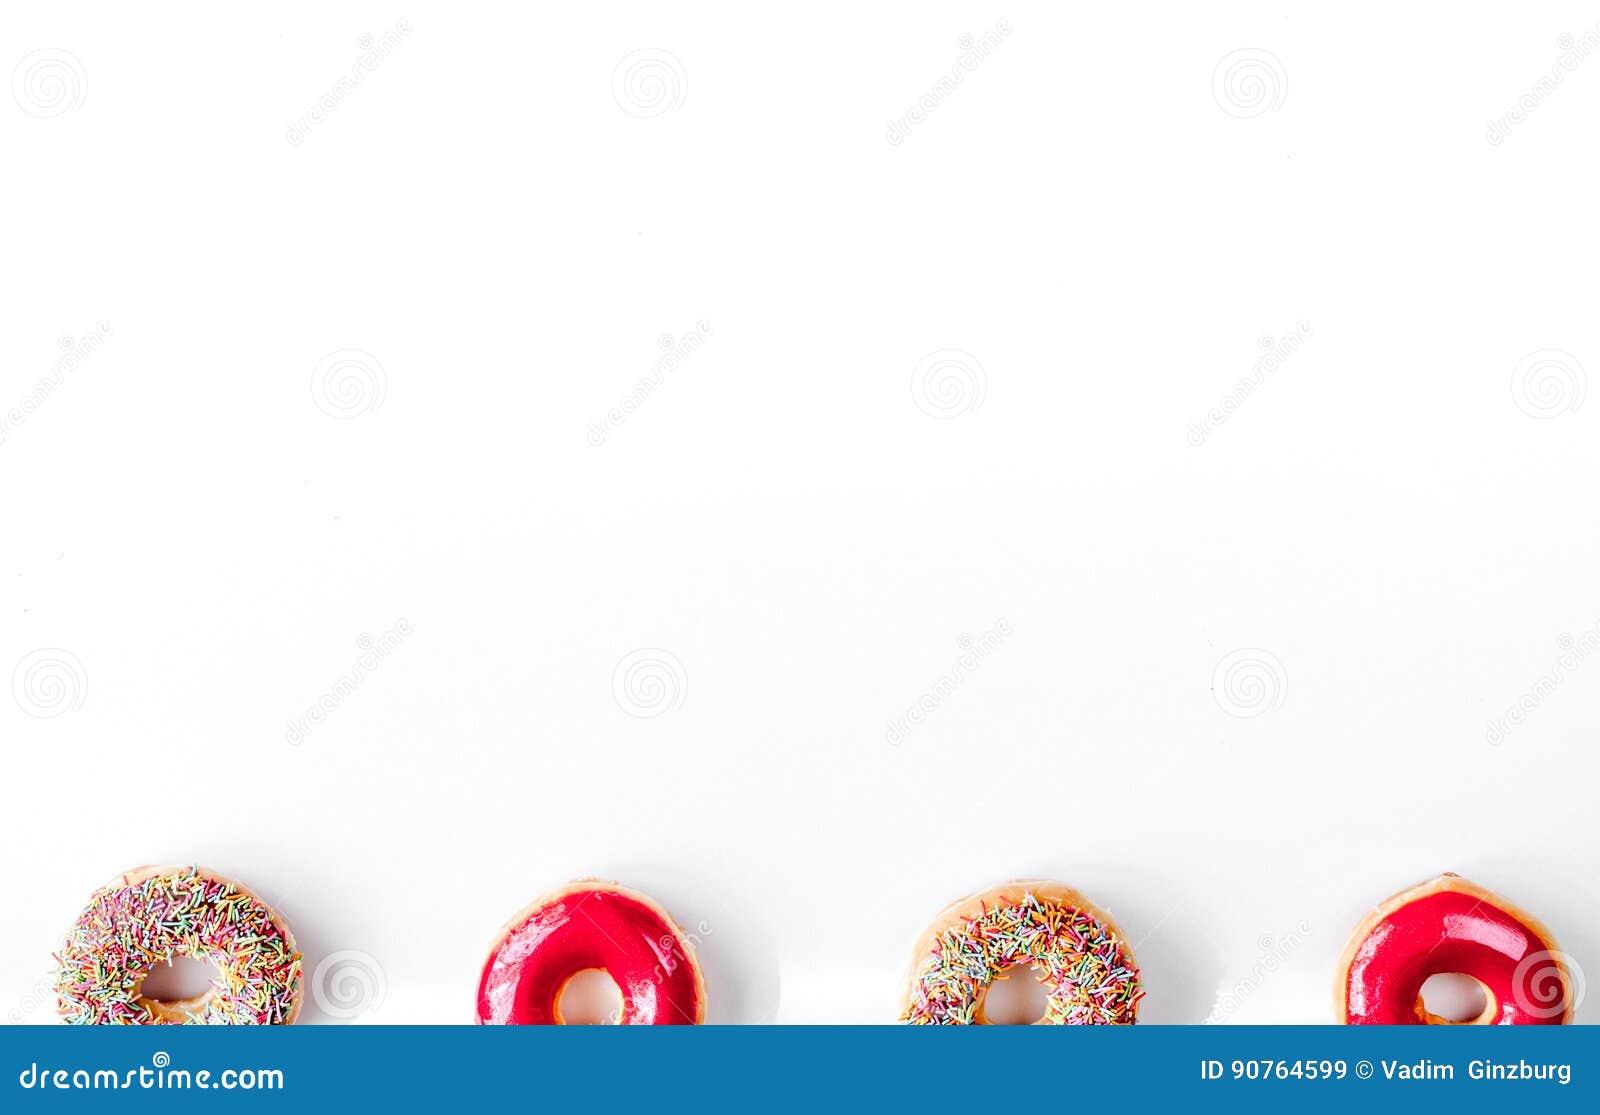 voedselontwerp met donat op wit lijst achtergrond hoogste